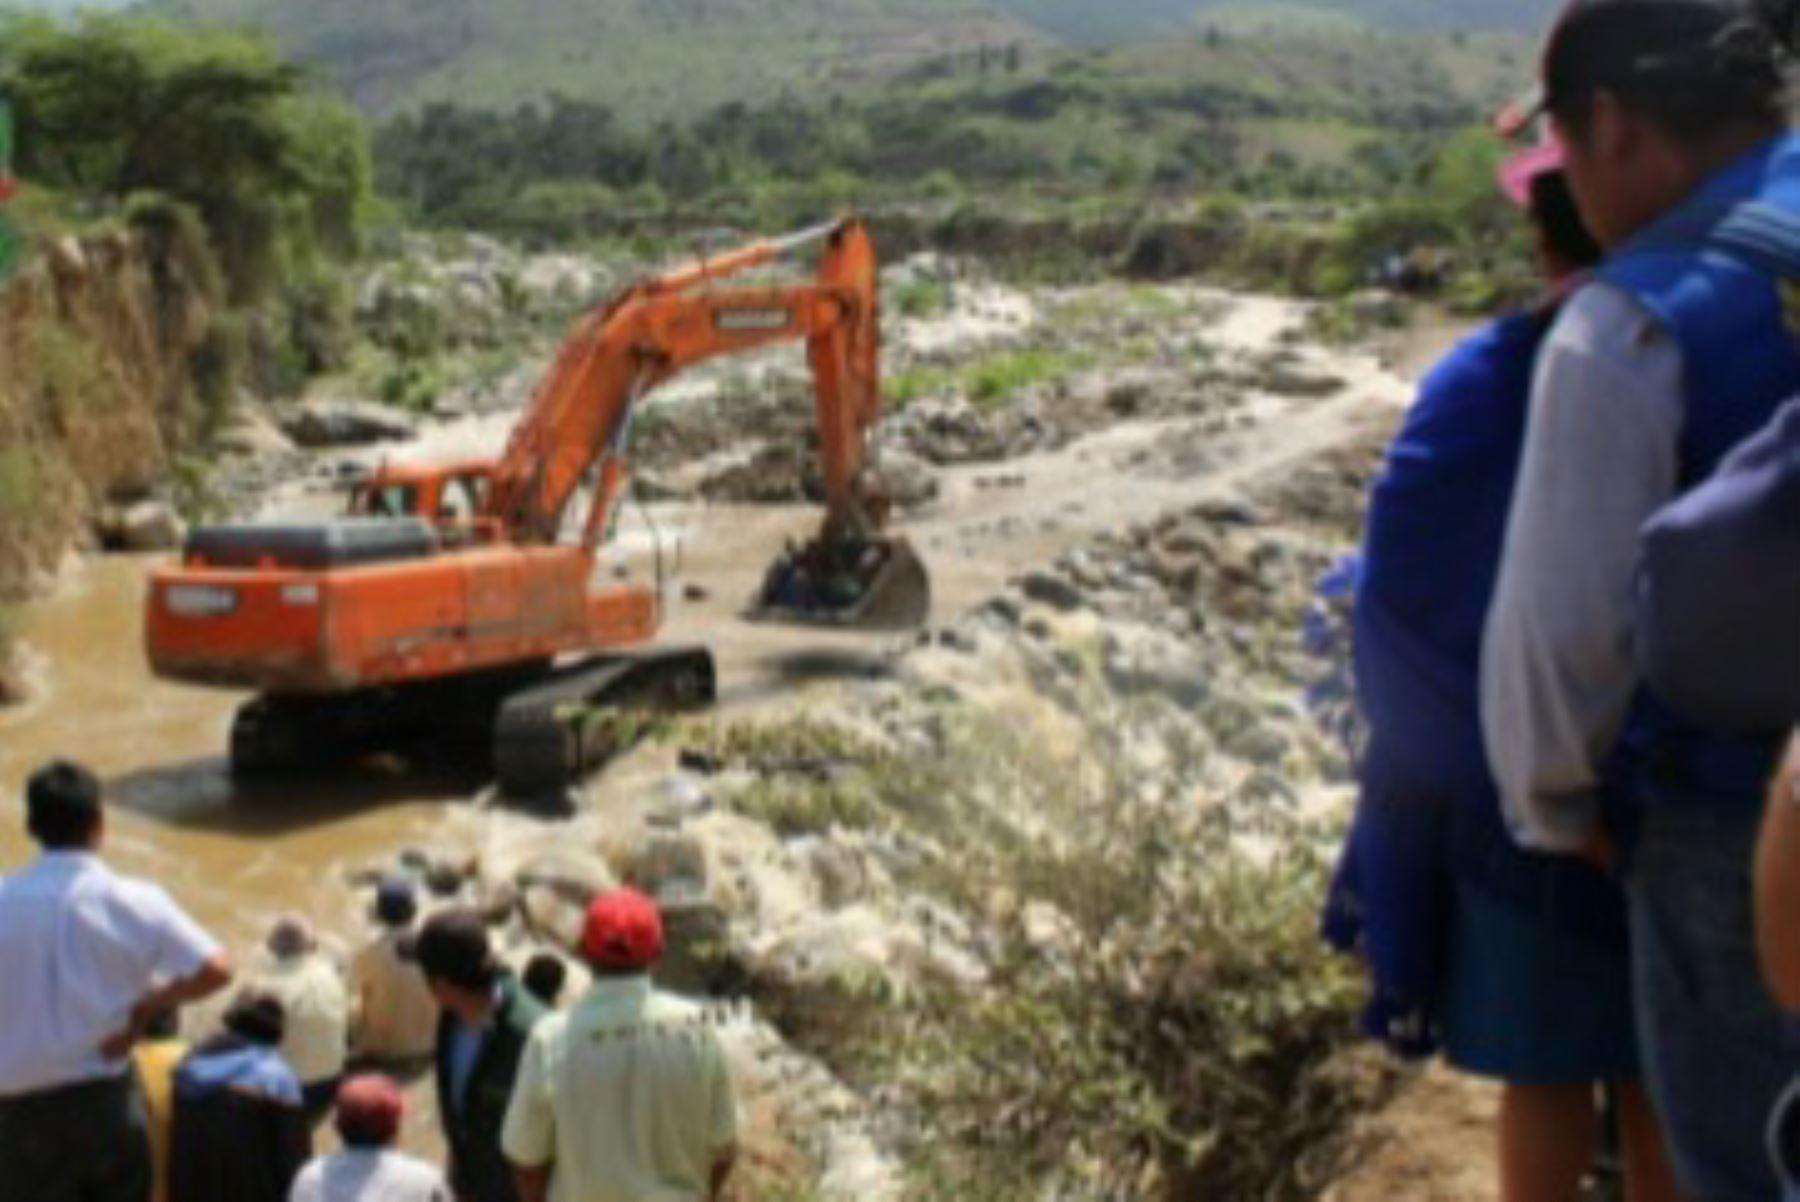 Personal de la municipalidad distrital de Simbal trabaja para reabrir la carretera Trujillo-Otuzco, afectada por la crecida del río Collambay.